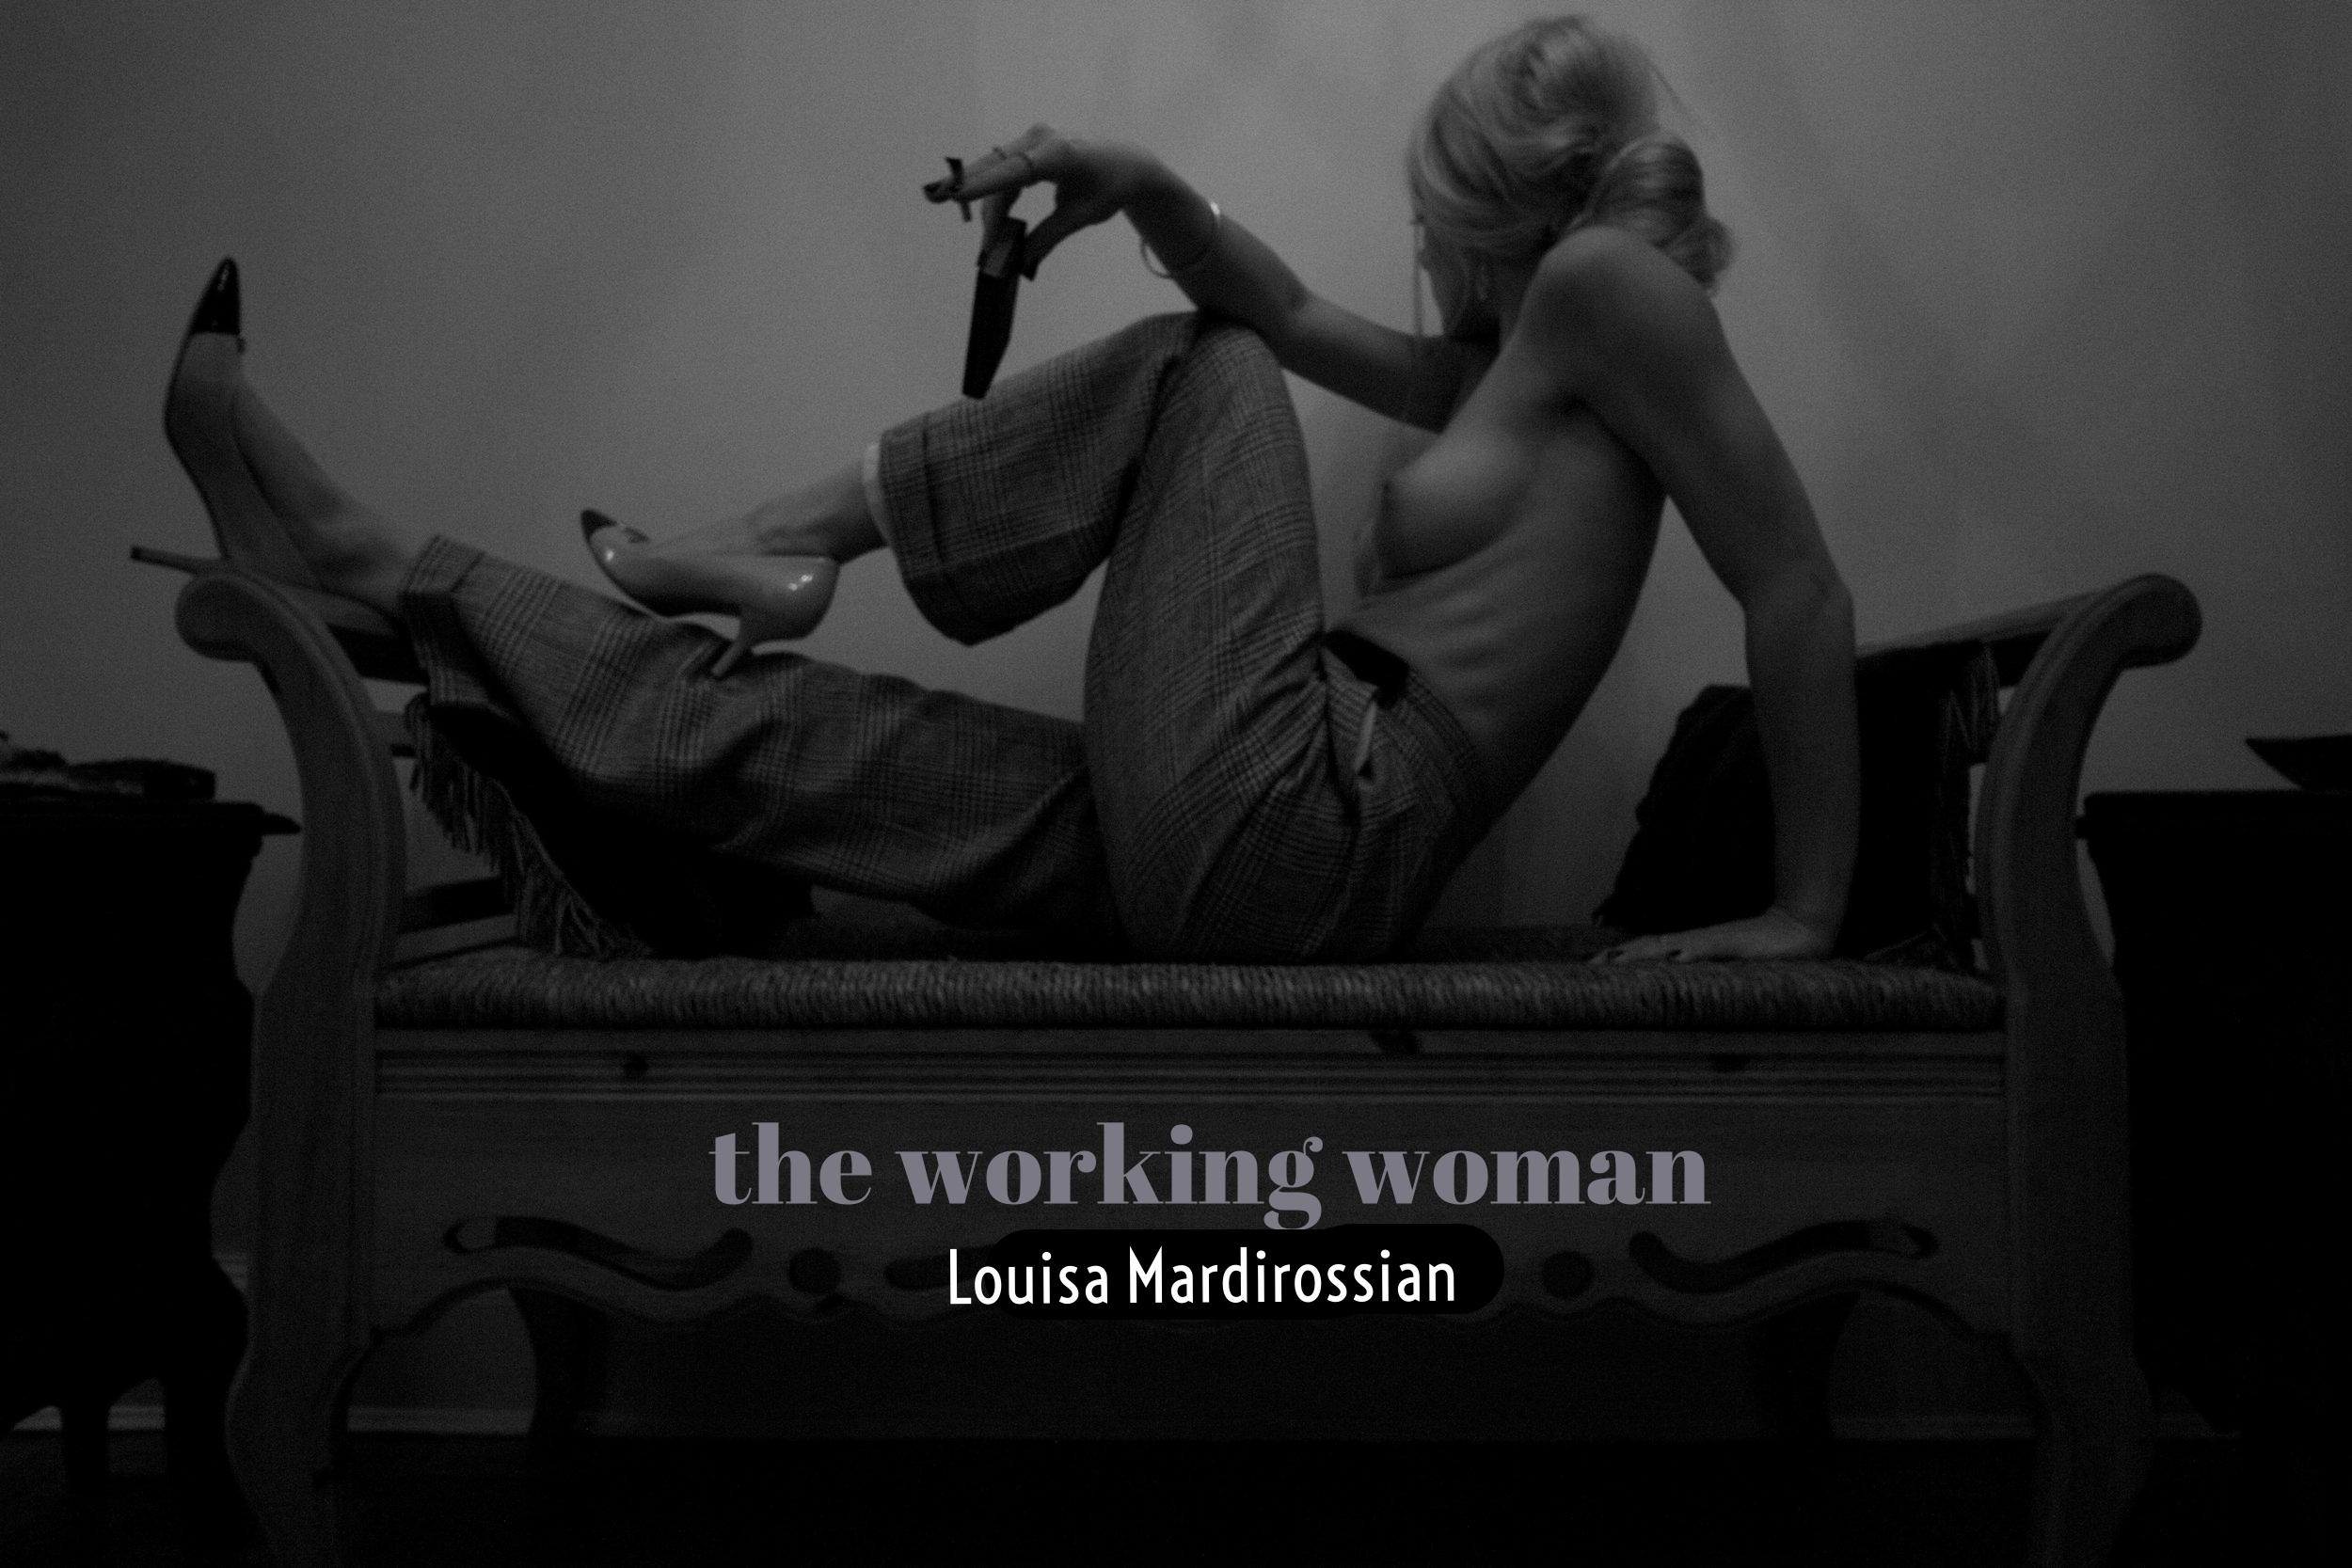 The Working Woman - Mardirossian - 7.jpg